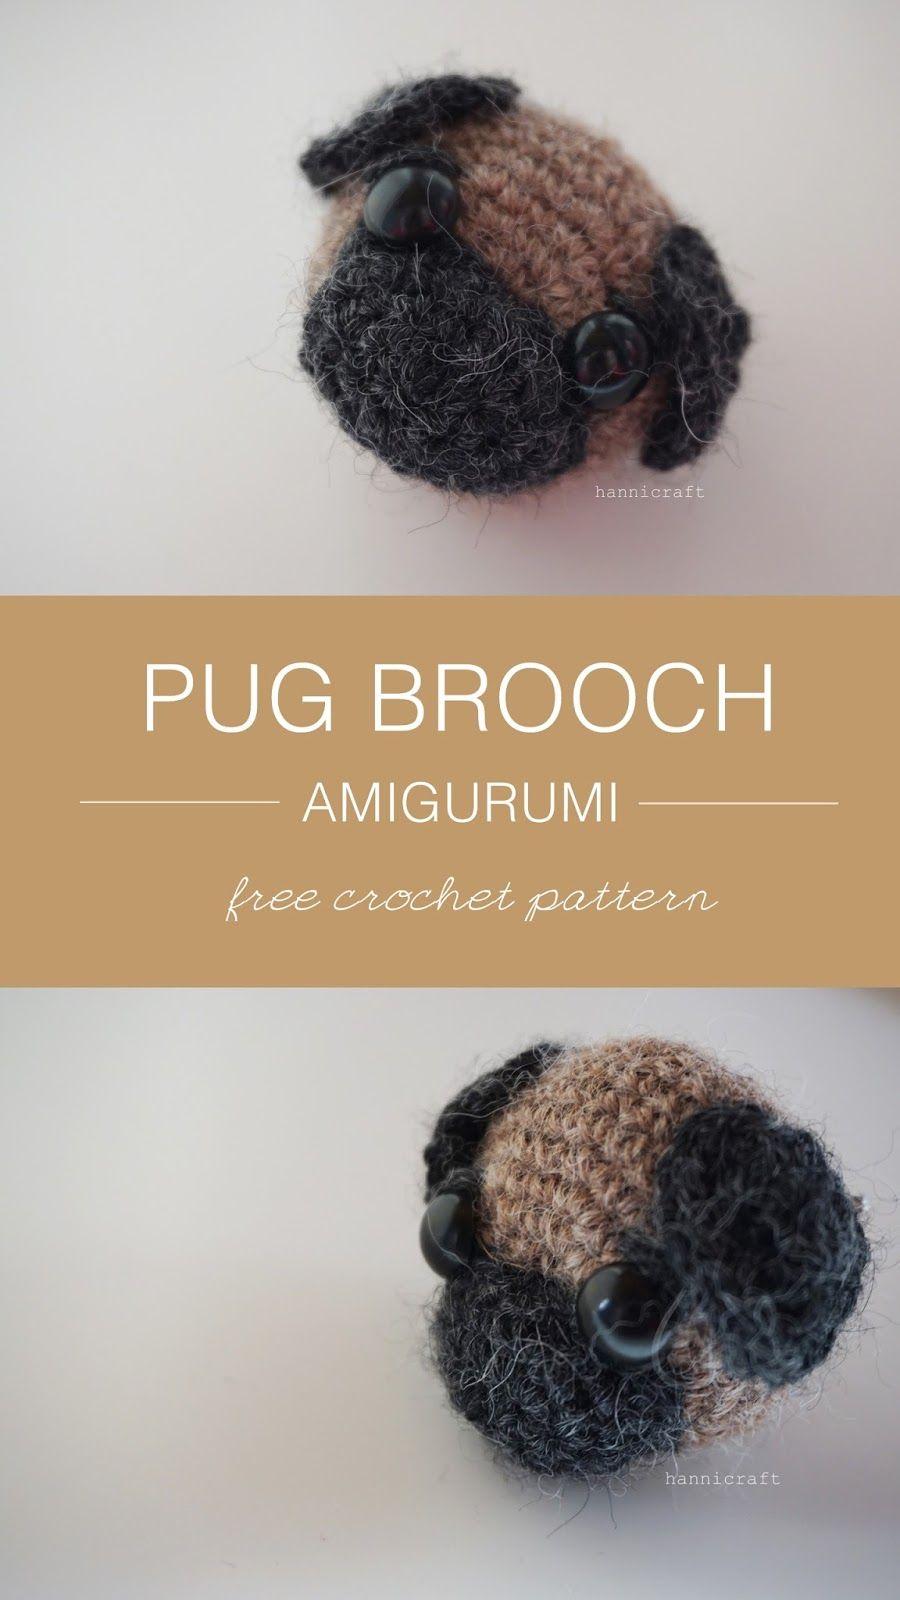 Pug Brooch Amigurumi Patrón de ganchillo gratis de hannicraft - Pin ...